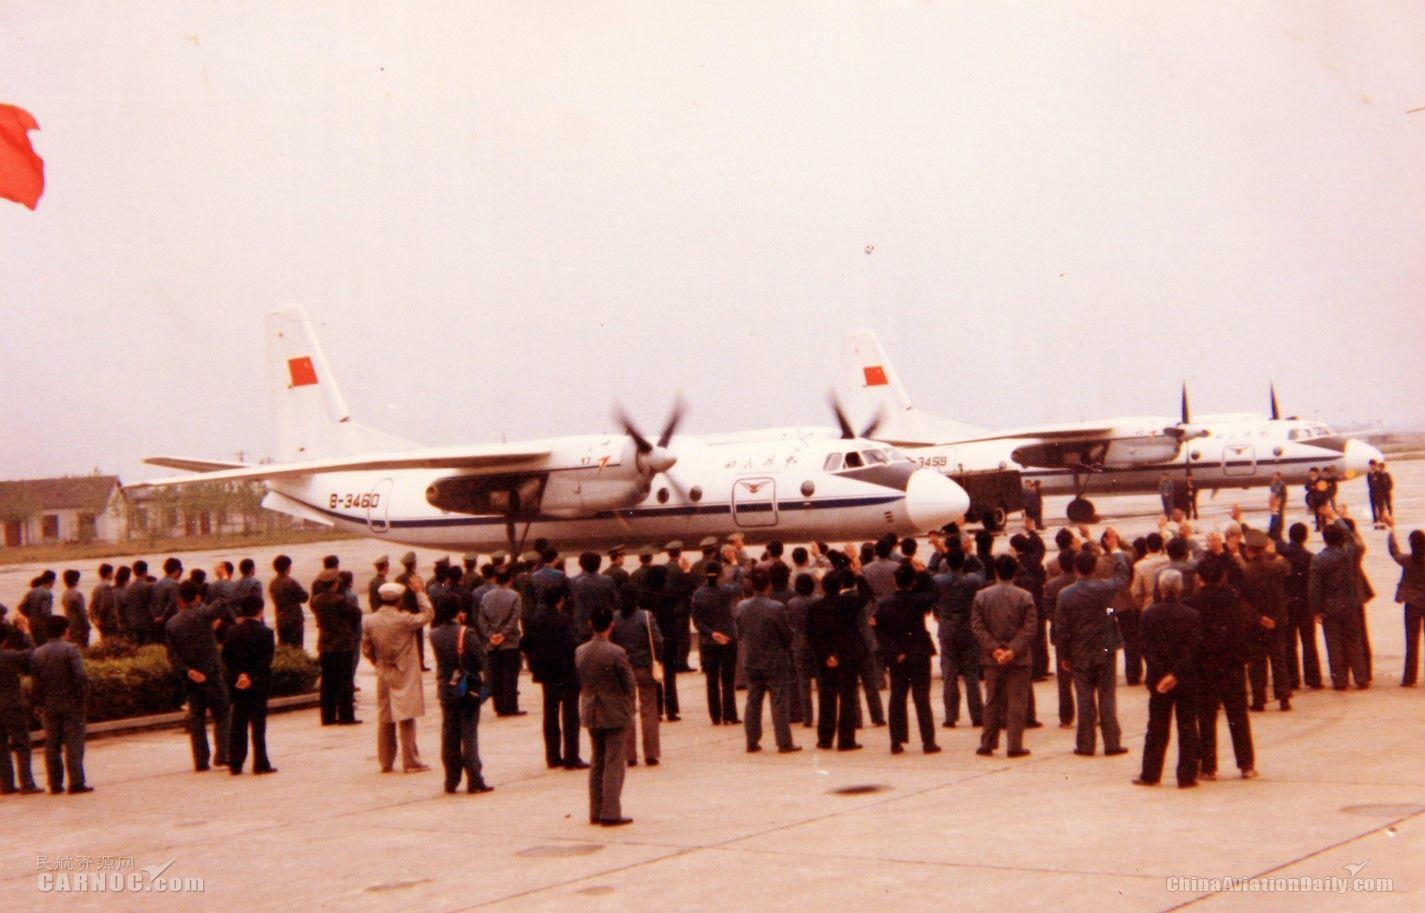 四十年,安徽民航的变迁|新闻动态-飞翔通航(北京)服务有限责任公司